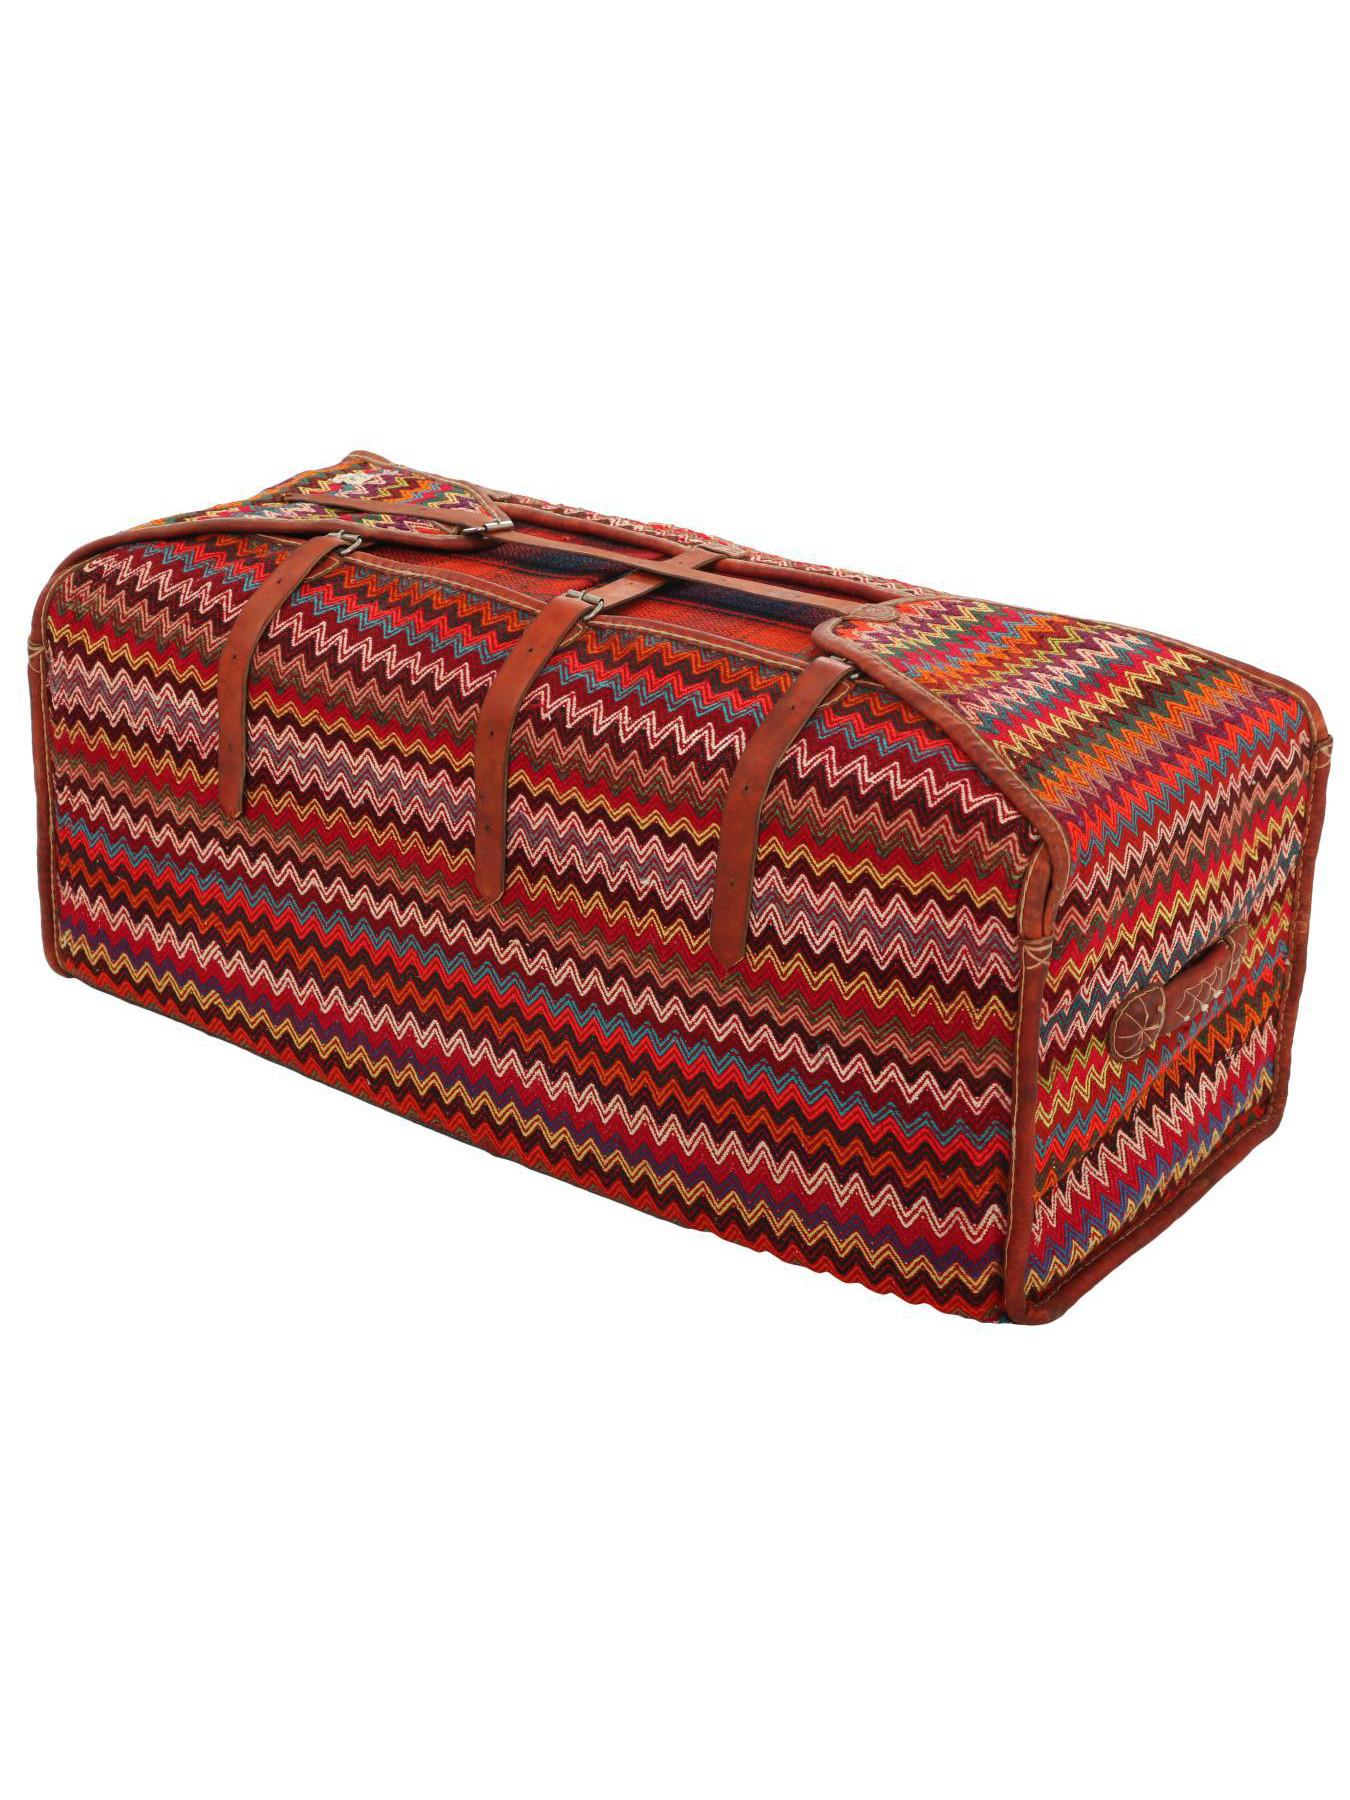 Persian puffs - Camel Bag